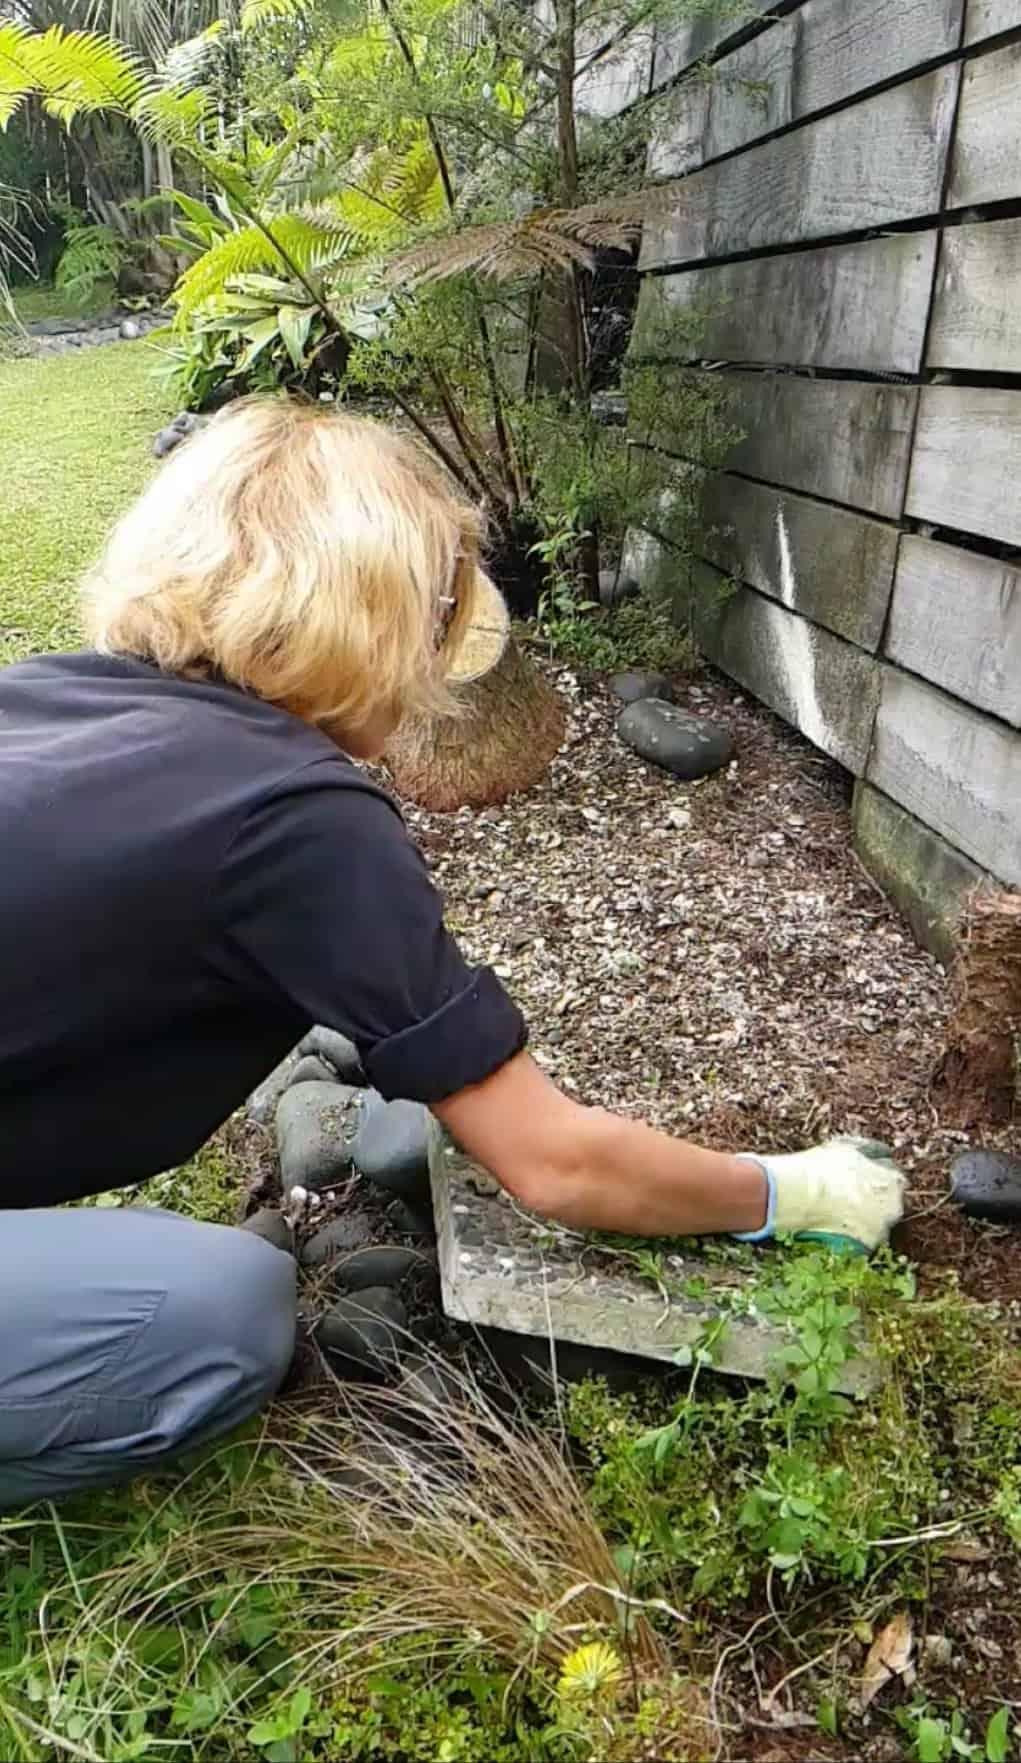 Nouvelle-Zélande, une semaine de HelpX chez Angela la gourou 🧙♀️ 1